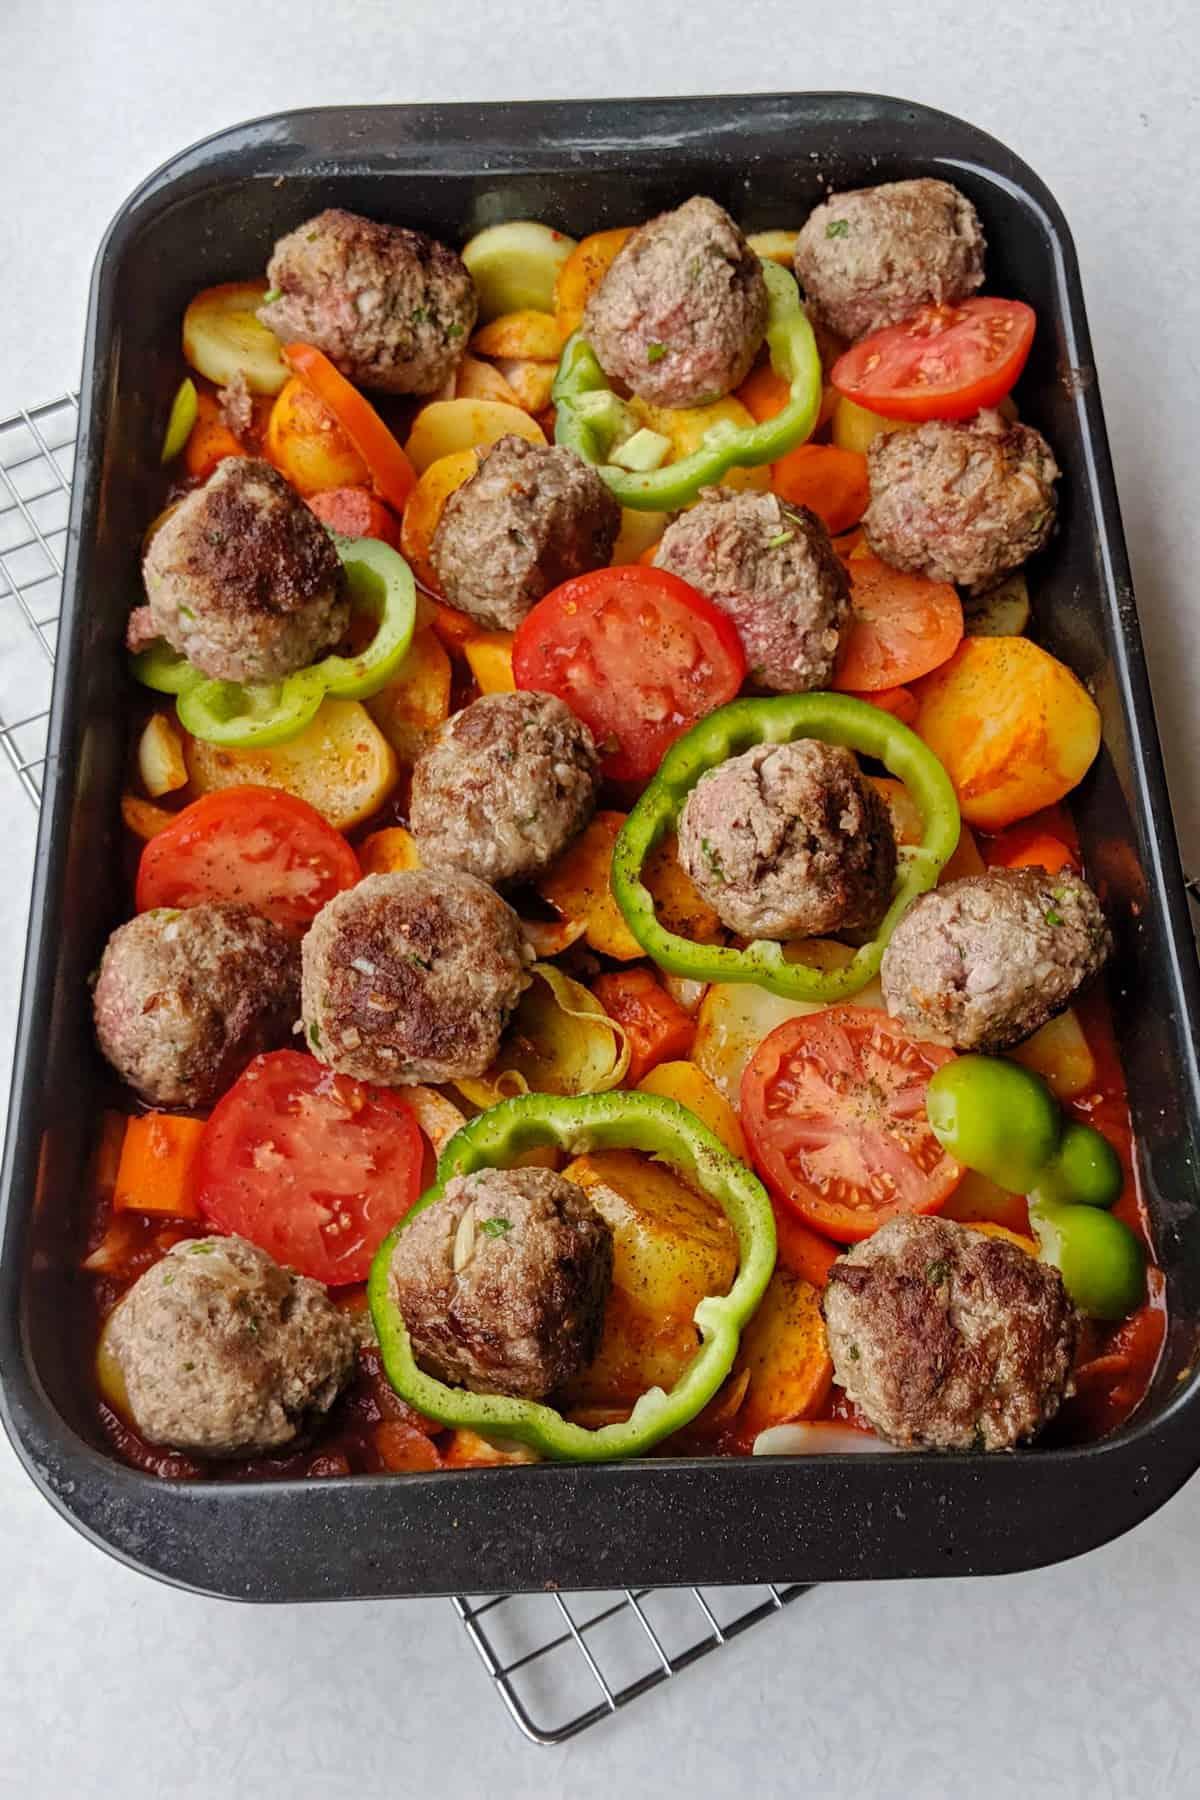 Eine Auflaufform mit den für den Ofen vorbereiteten gebackenen Kartoffeln in Tomatensoße mit Hackbällchen und Gemüse.